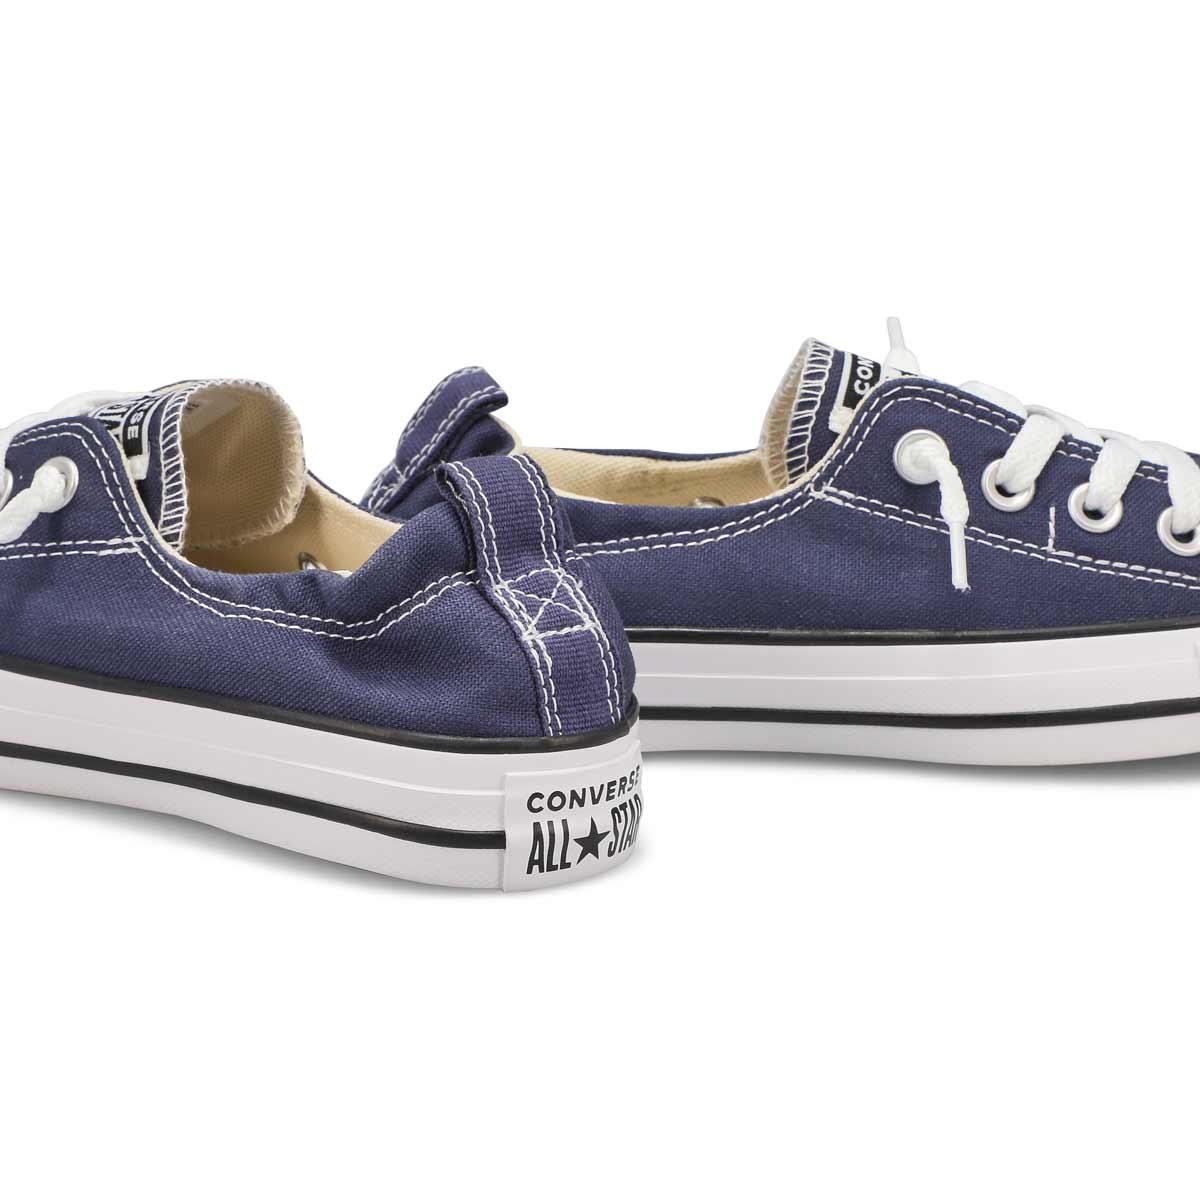 Women's All Star Shoreline Sneaker- Navy